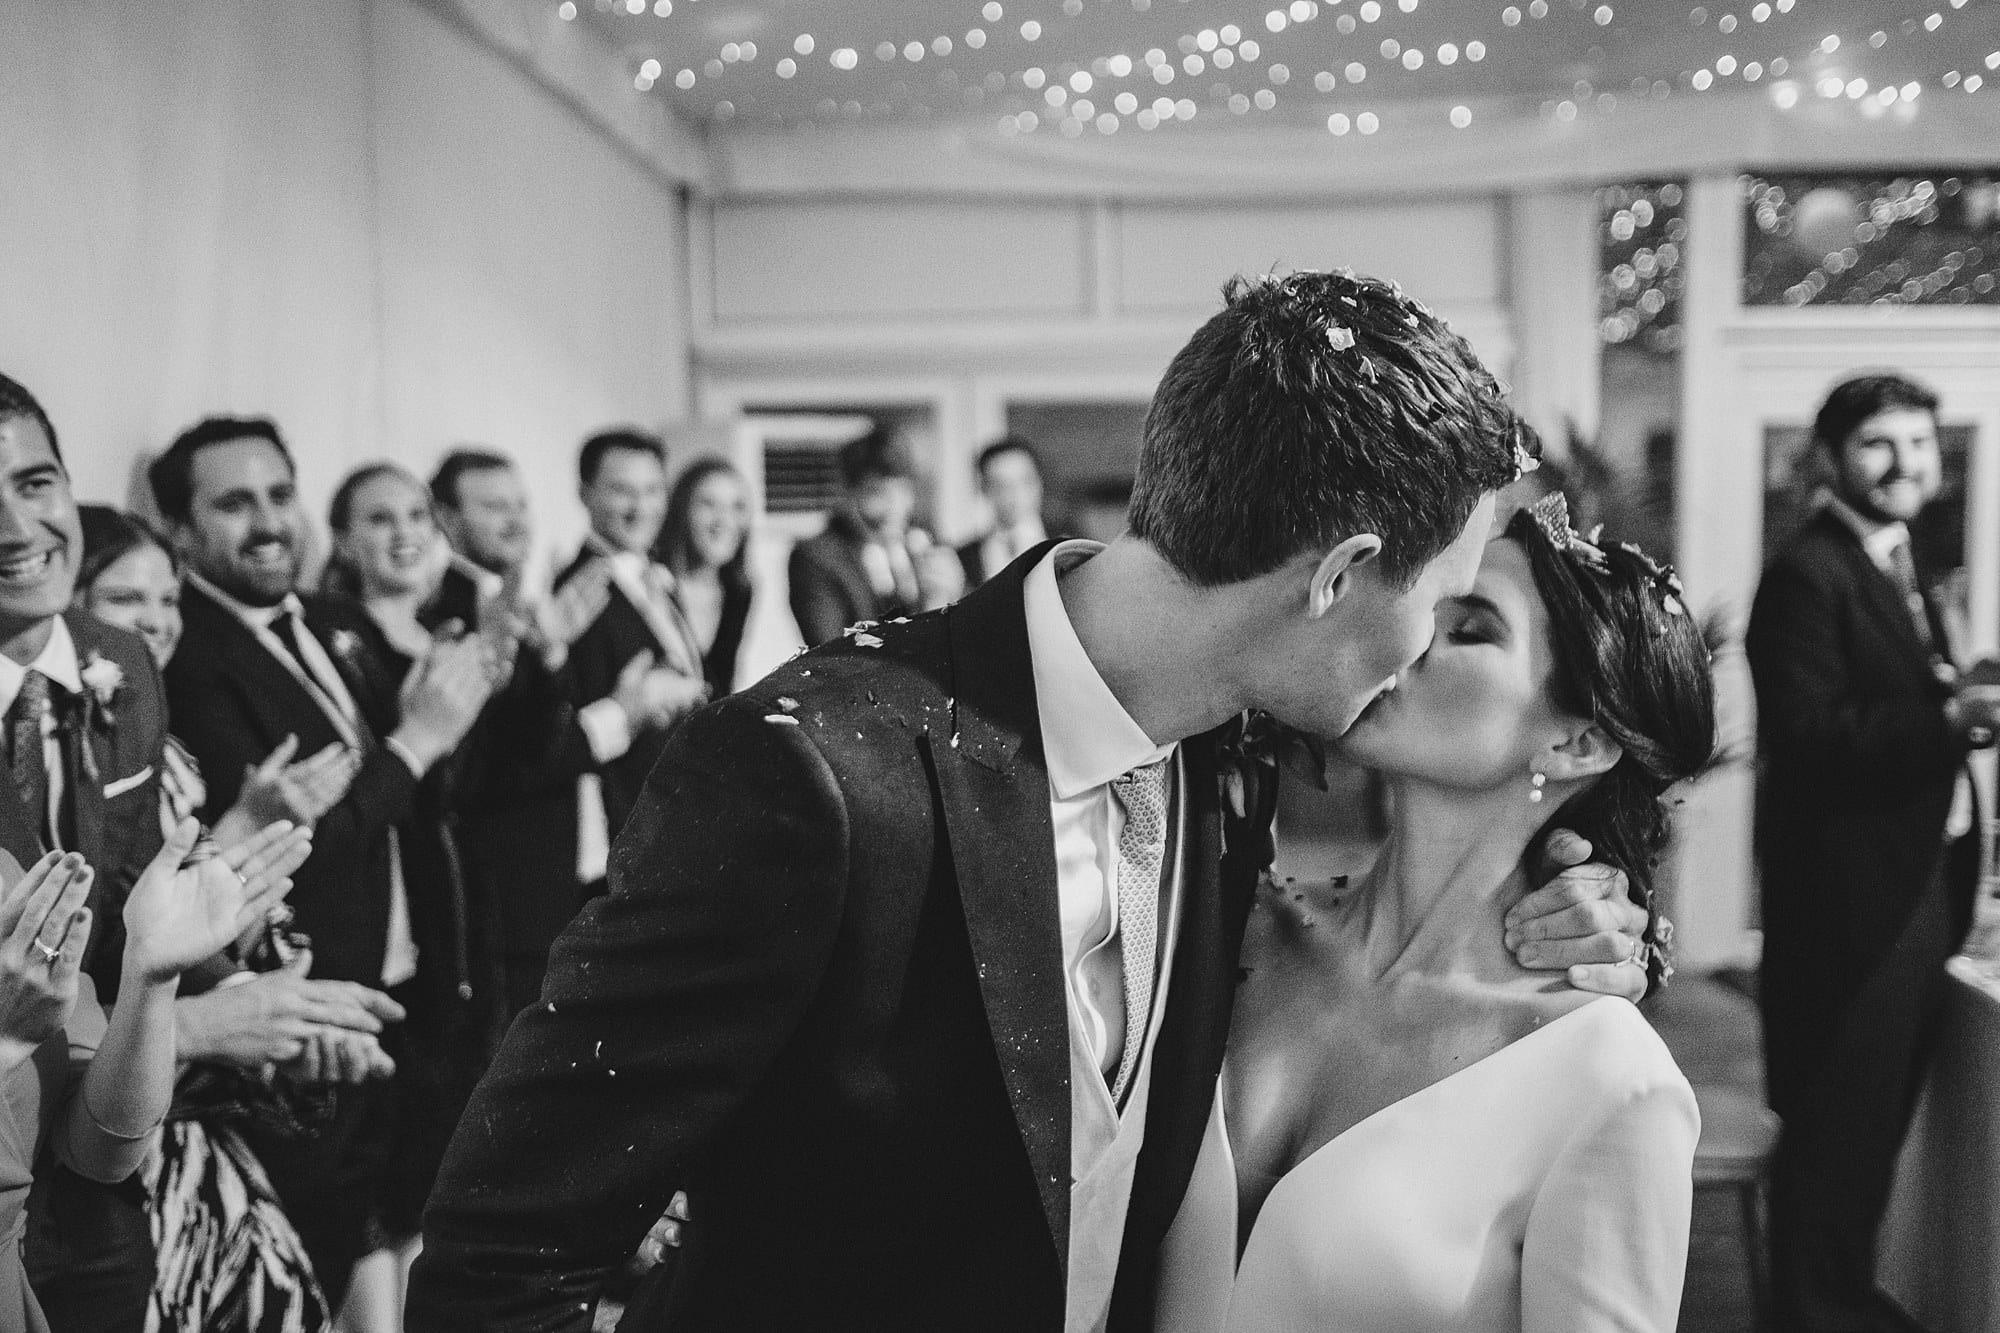 fulham palace wedding photographer ok 078 - Olivia + Kyle